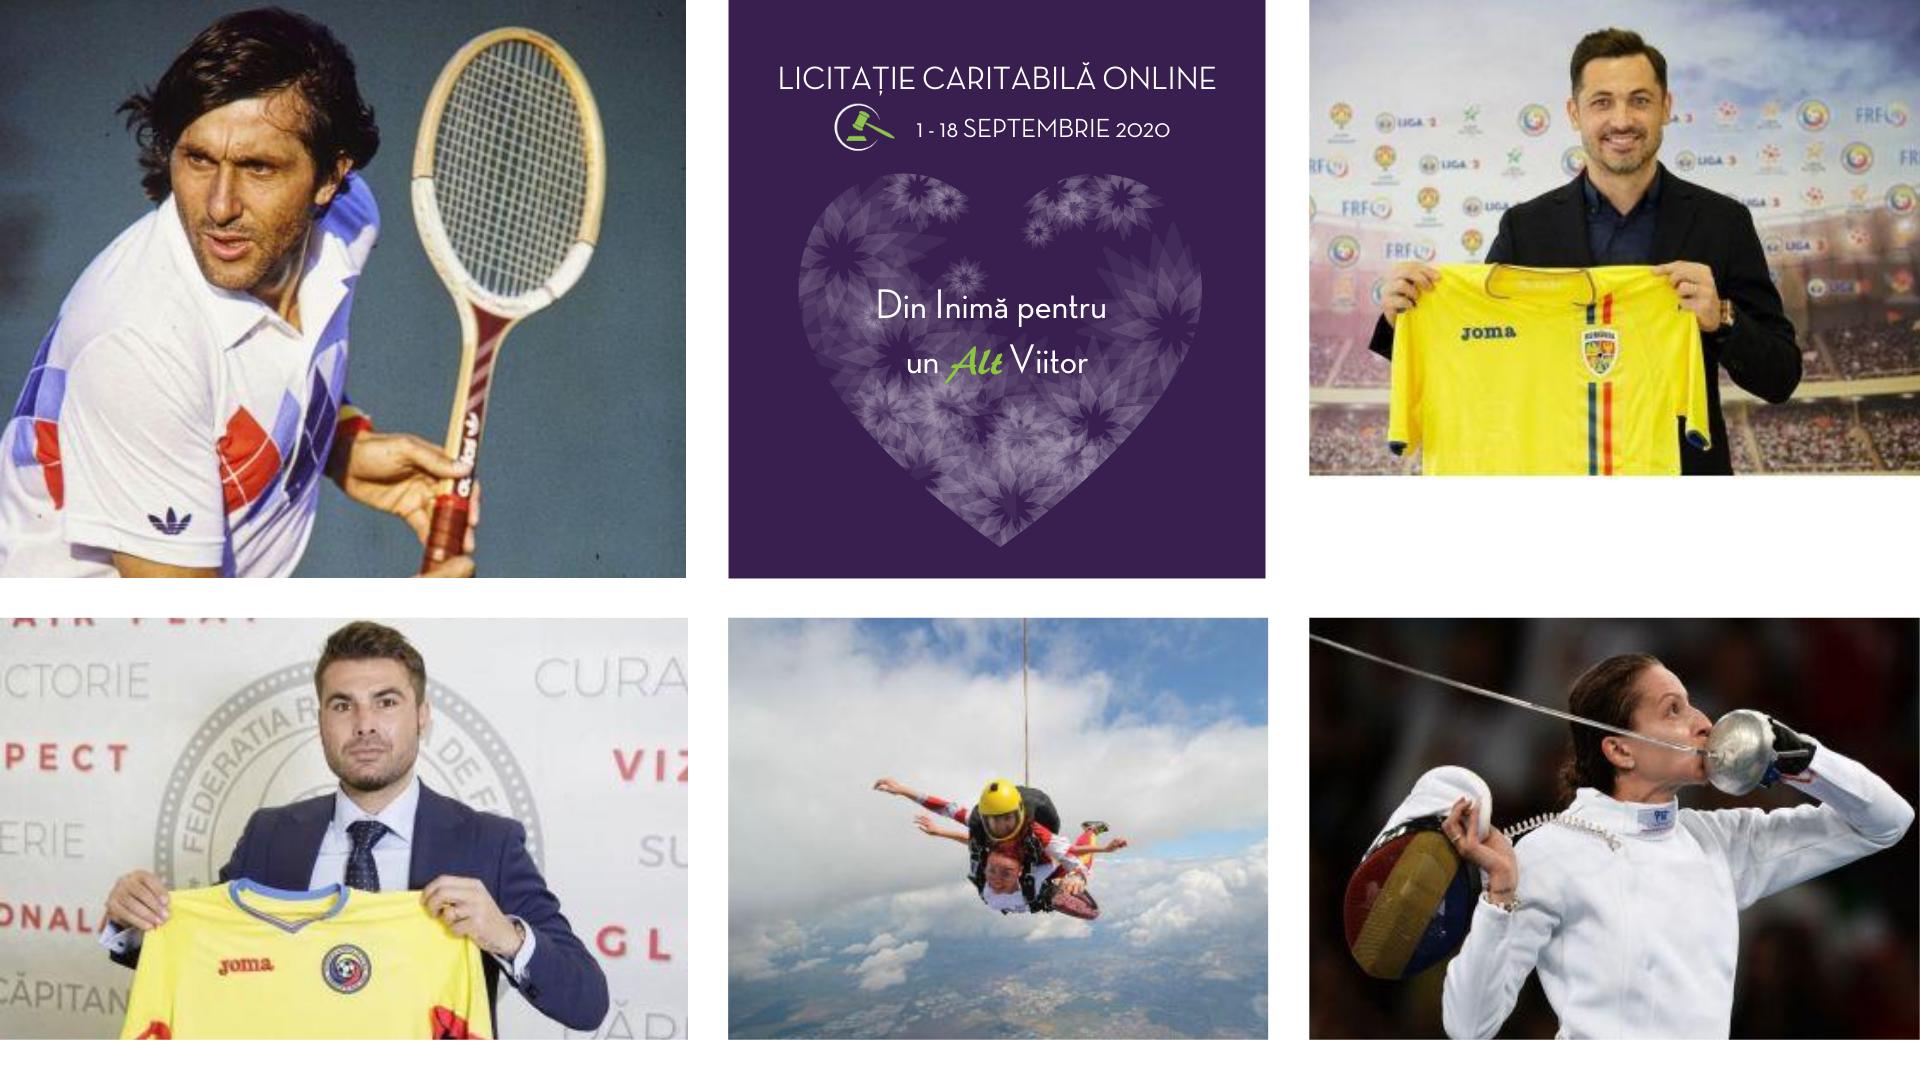 Licitație caritabilă: racheta lui Ilie Năstase, tricouri semnate de Adrian Mutu, Mirel Rădoi și multe altele